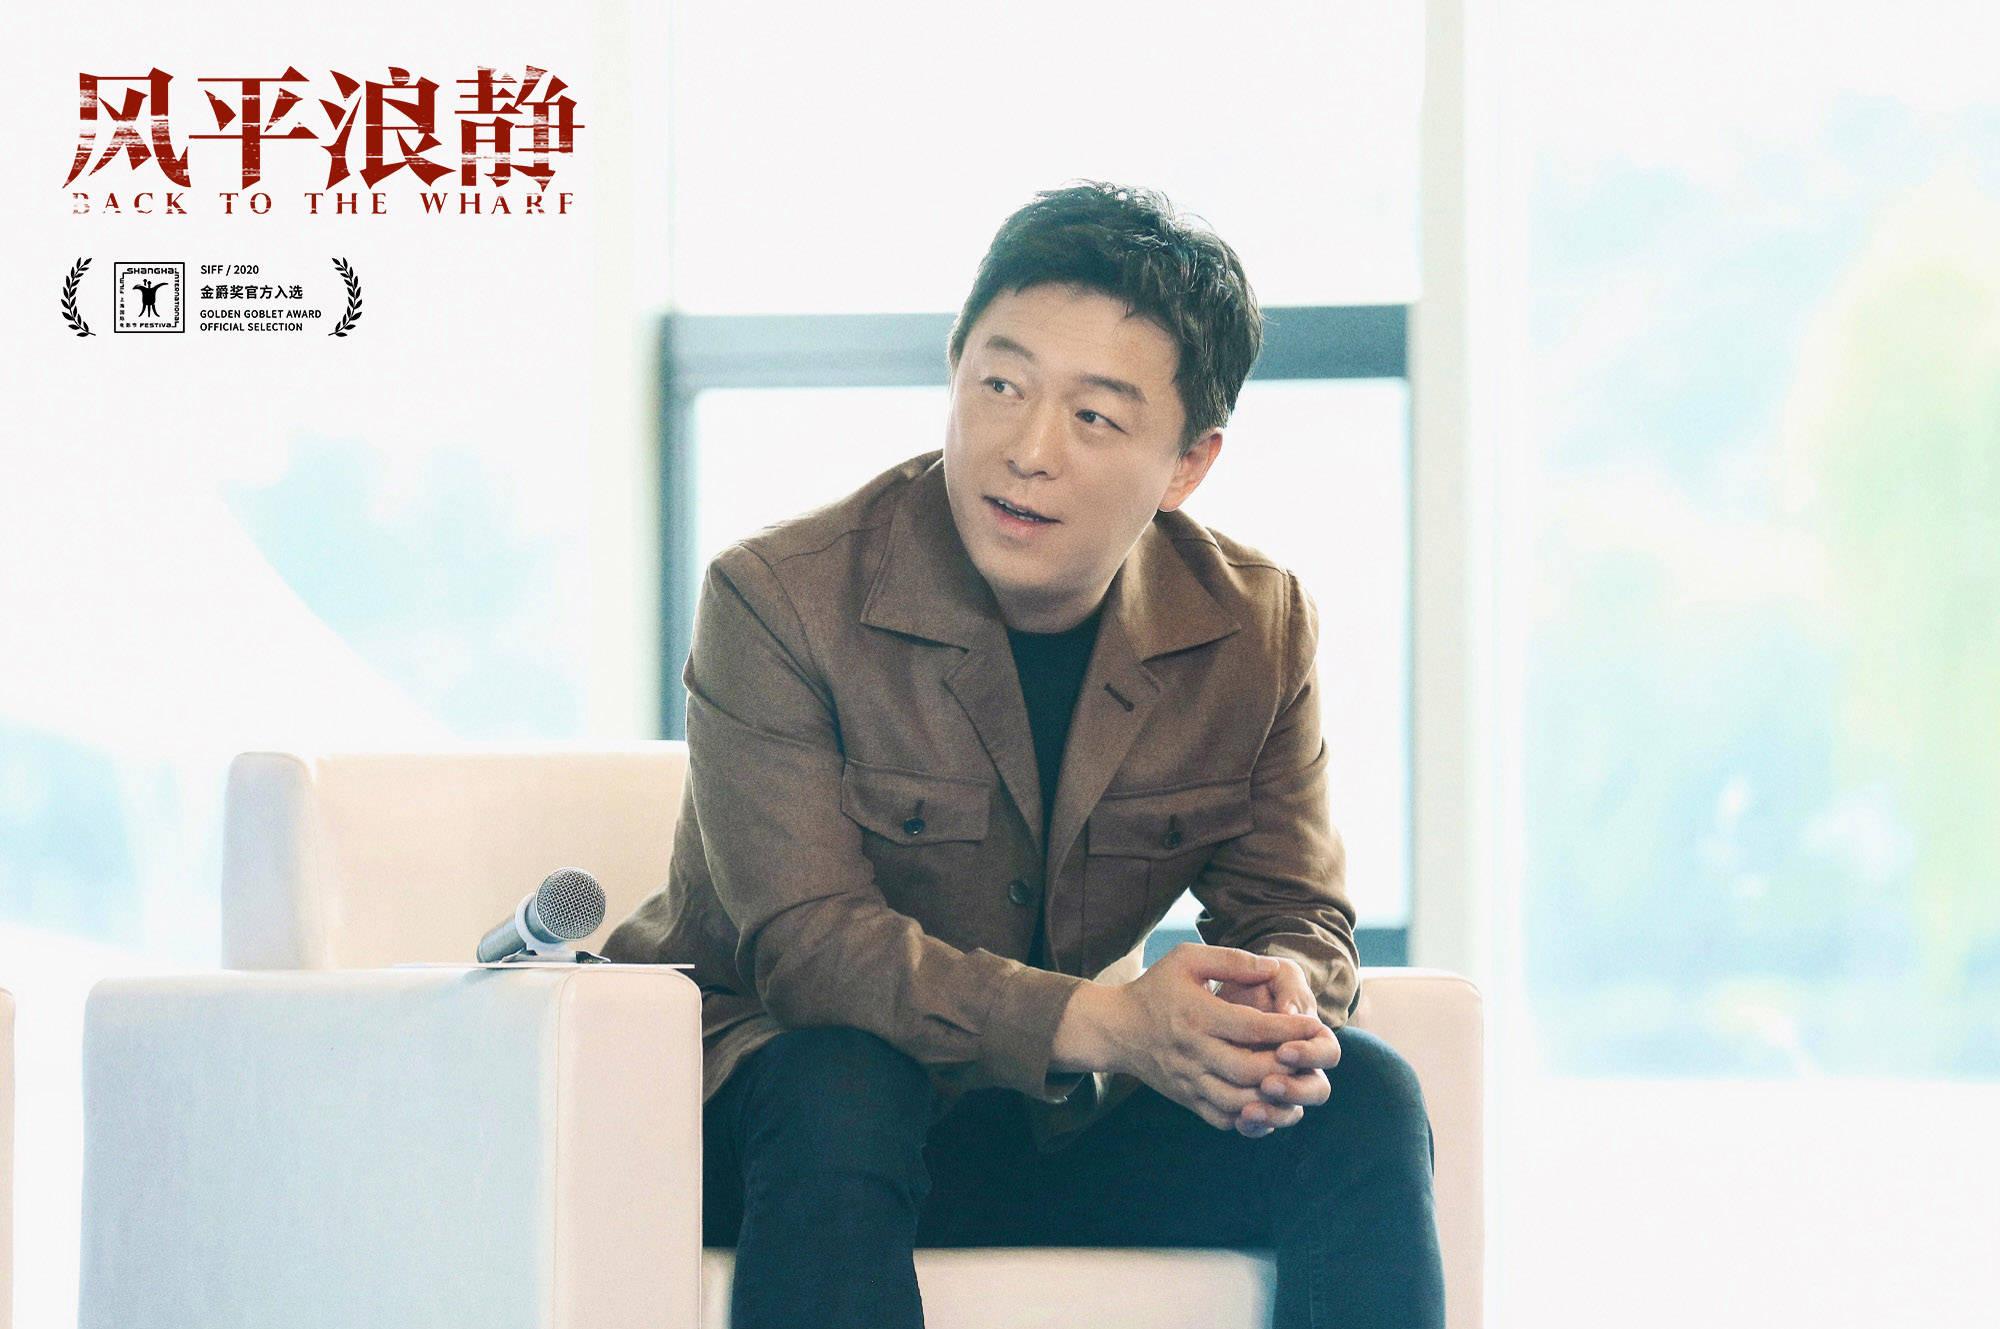 黄渤谈流量小生演技:年轻演员压力大,把优胜劣汰交给时间